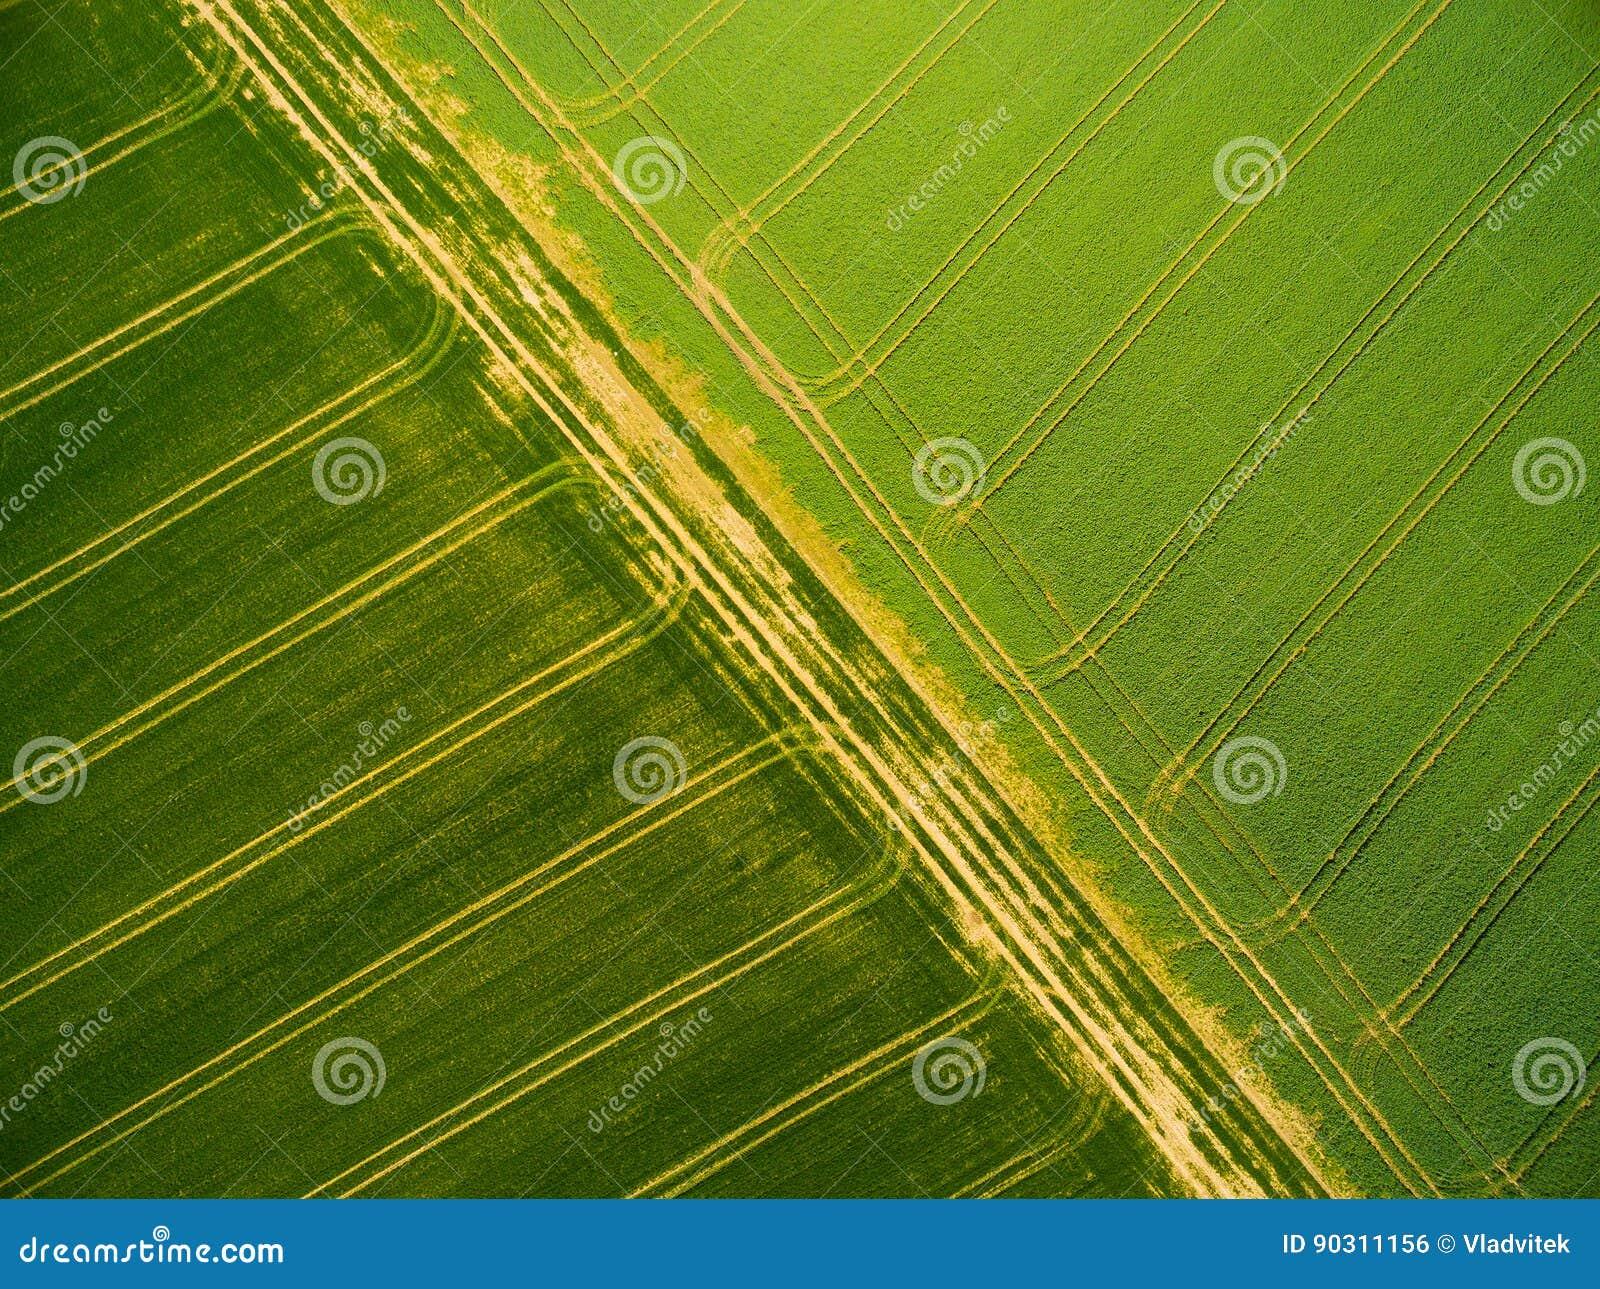 Vete- och rapsfröfält med traktorspår